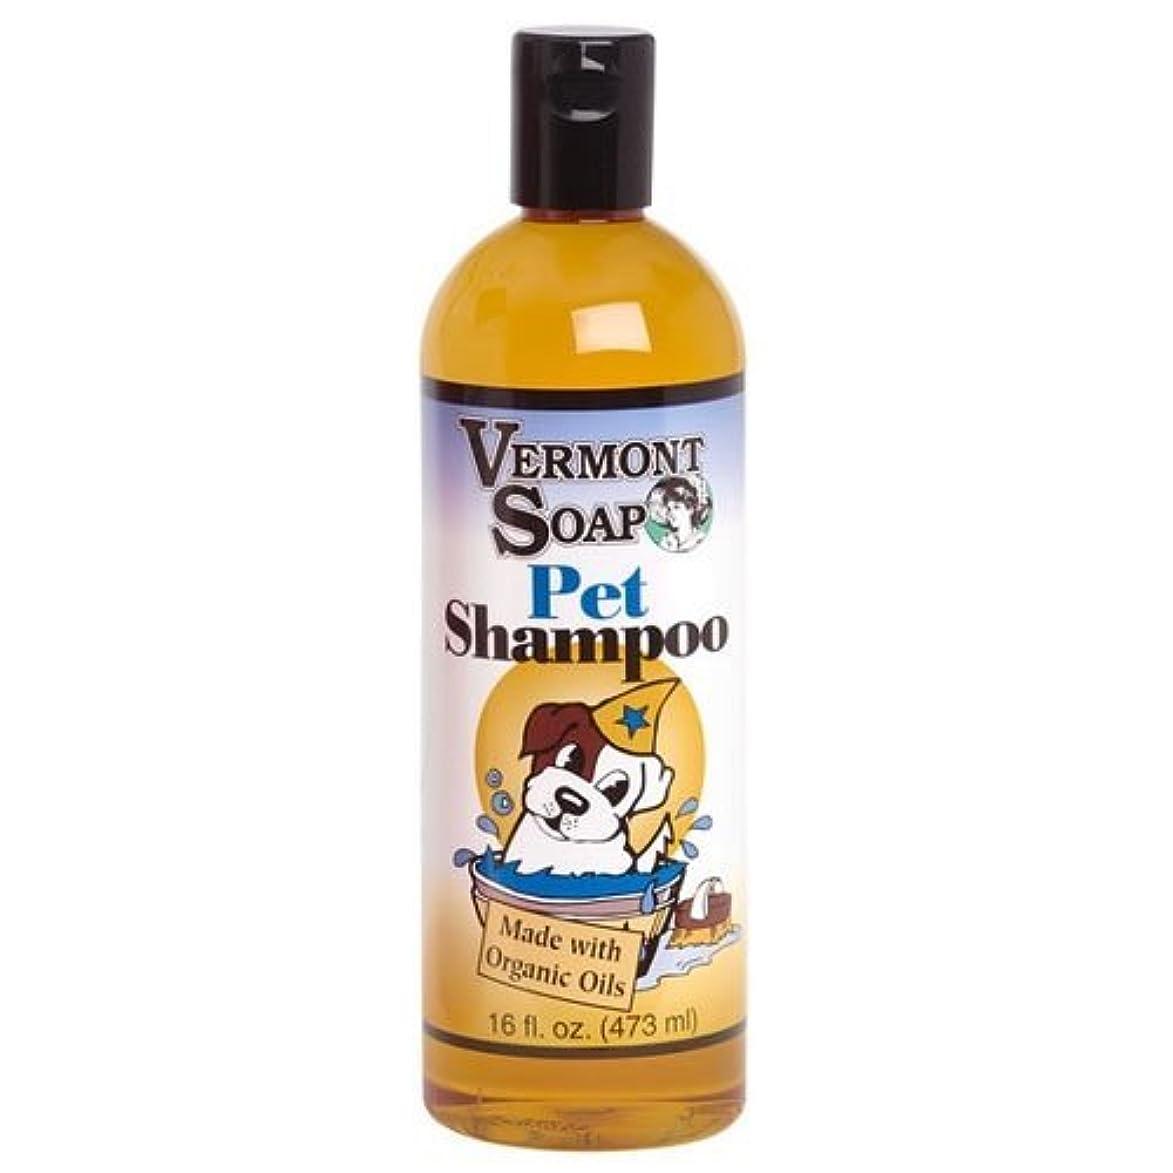 刺す簡単なくそーバーモントソープ オーガニック ペットシャンプー Pet Shampoo